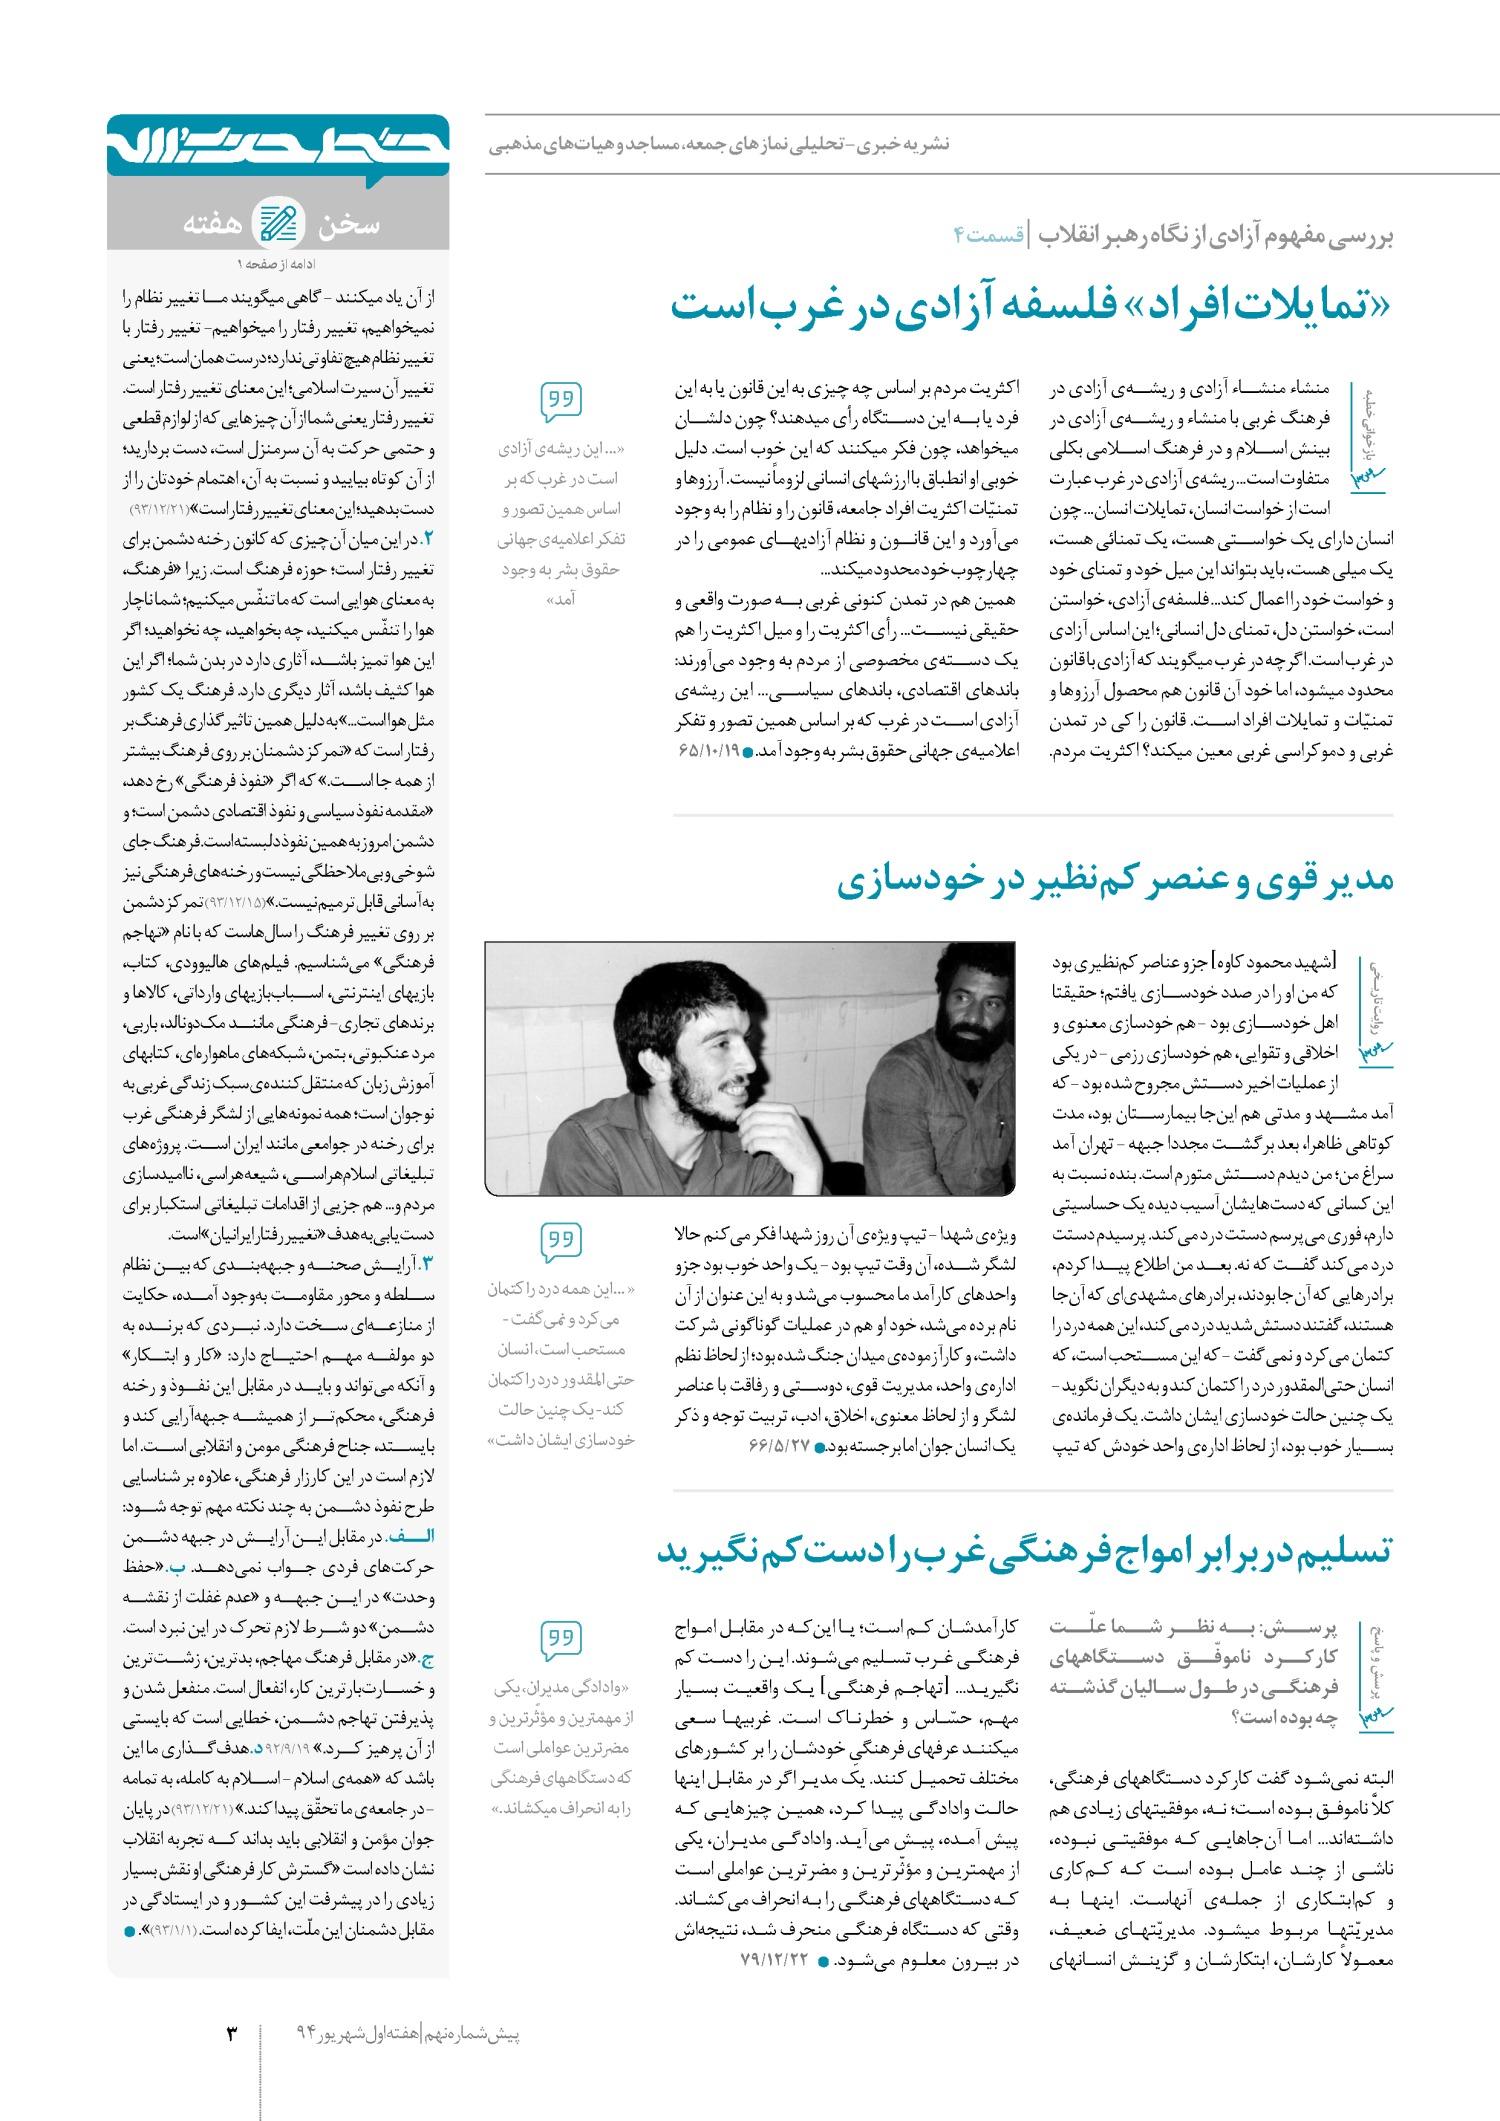 خط حزب الله -شماره پنجم خط حزب الله -پیش شماره نهم page large 362